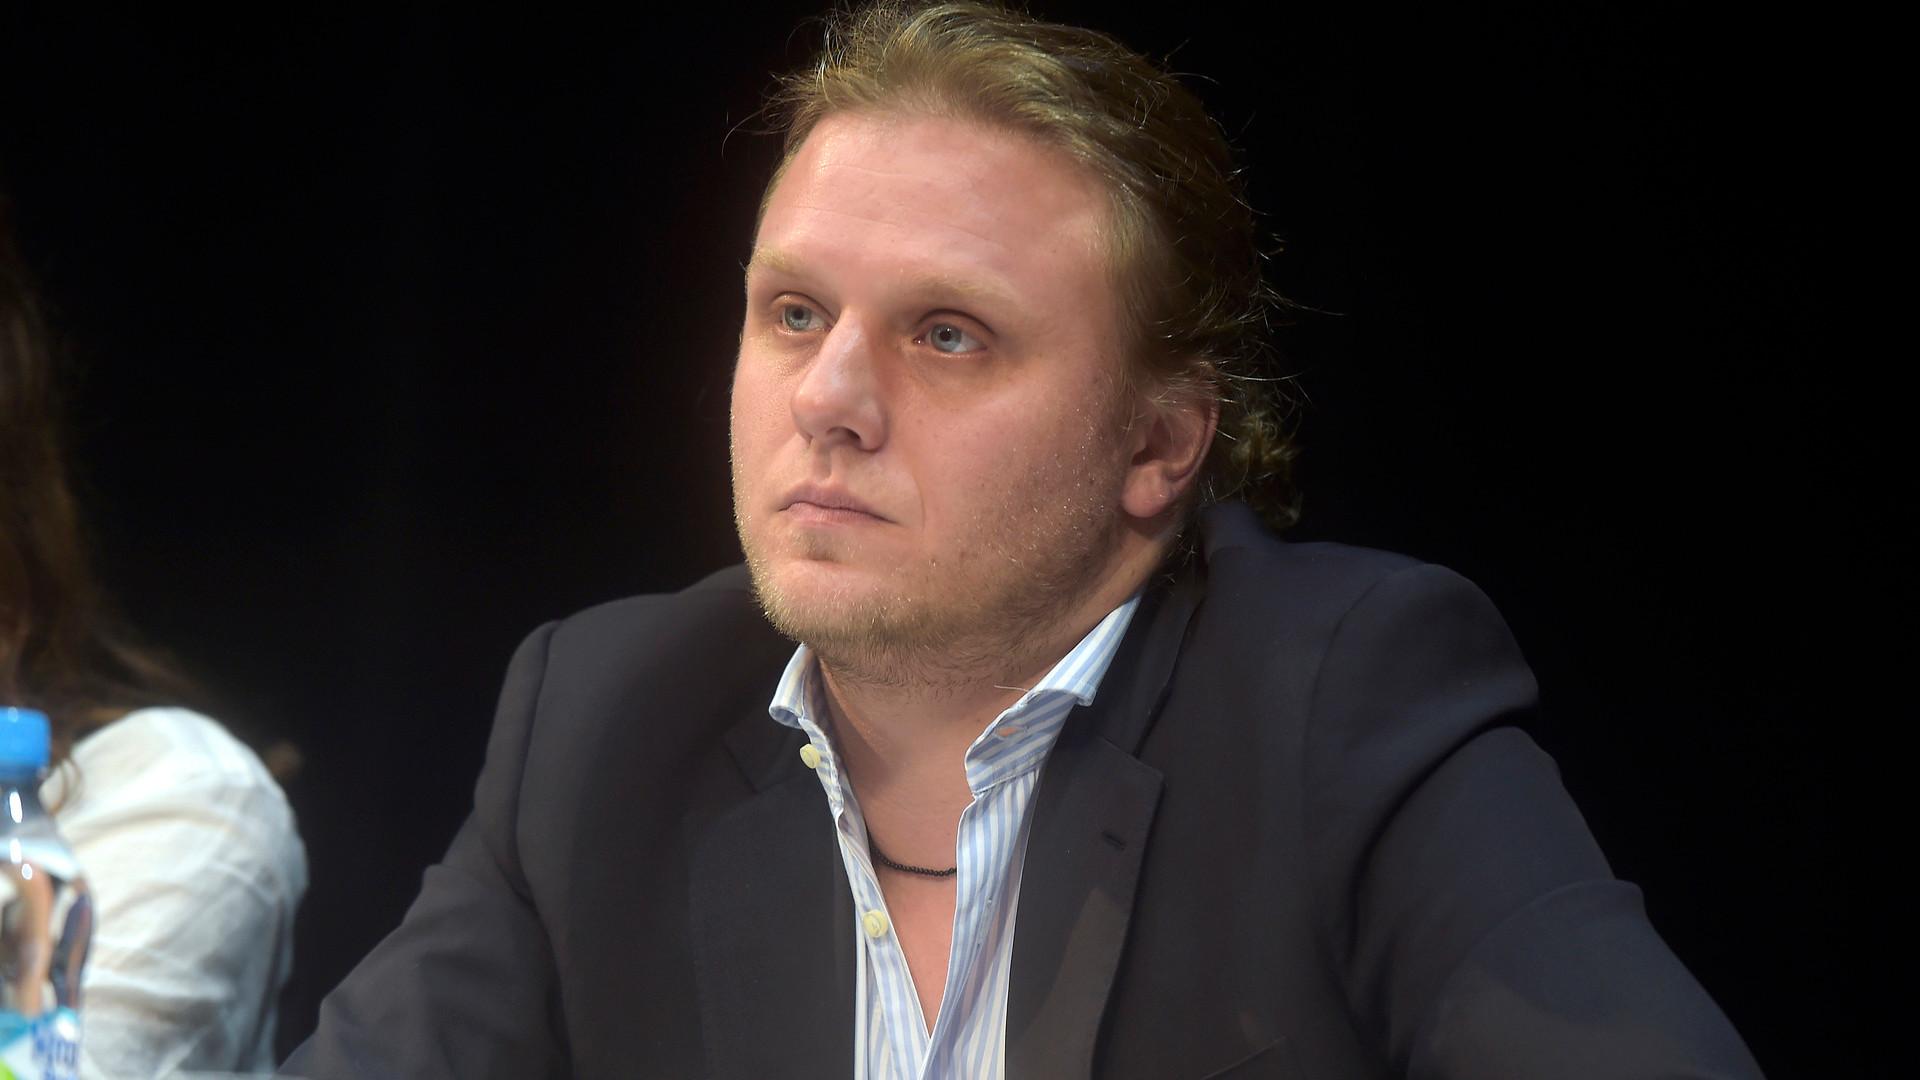 Piotr Woźniak-Starak miał wypadek na Mazurach? Trwają poszukiwania 39-letniego mężczyzny – donosi Fakt